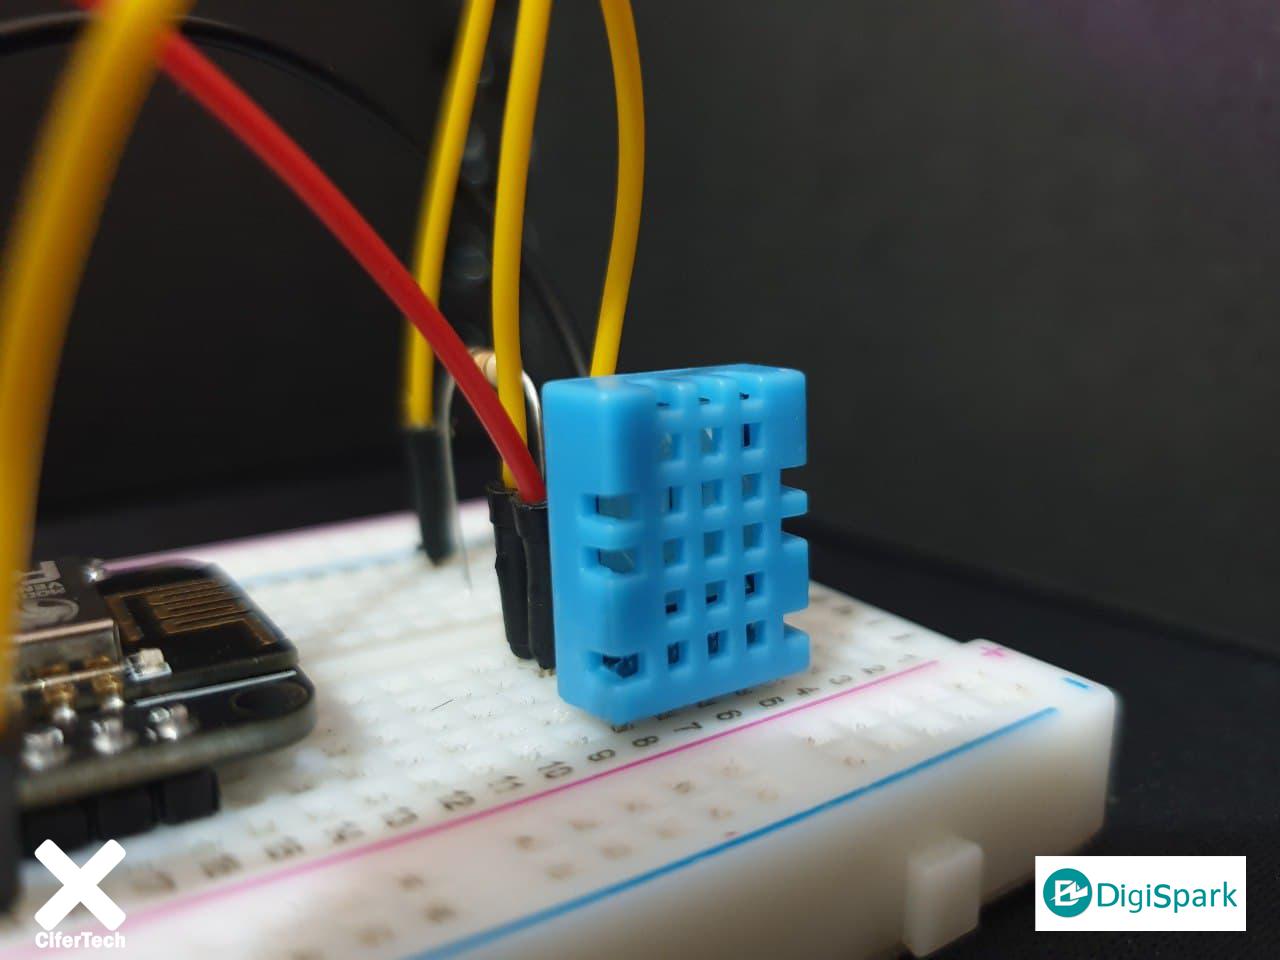 سنسور DHT11 سنجش دما و رطوبت محیط در پلتفرم اینترنت اشیا ThingSpeak - دیجی اسپارک